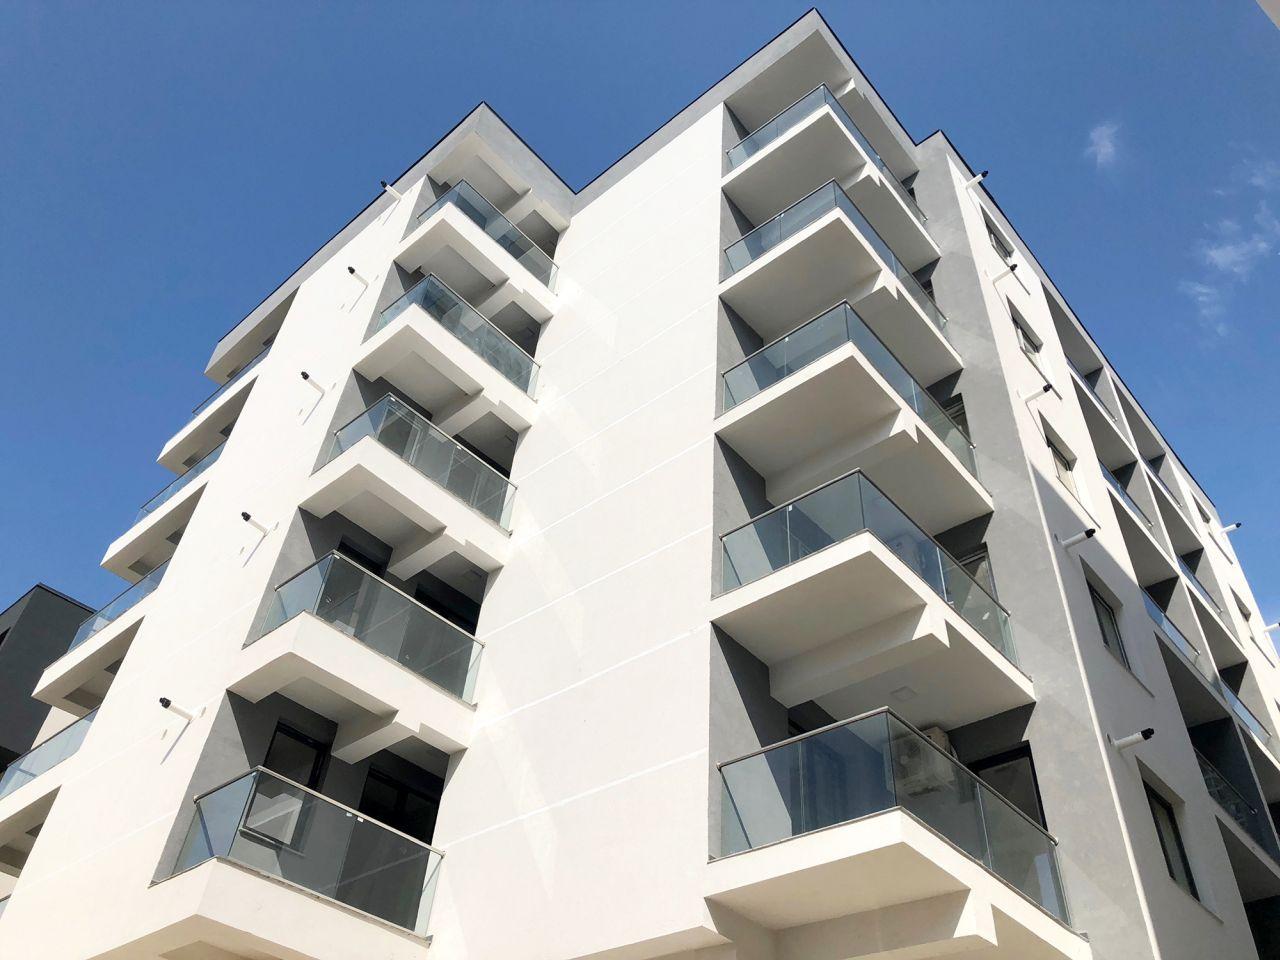 Perla Residence m002